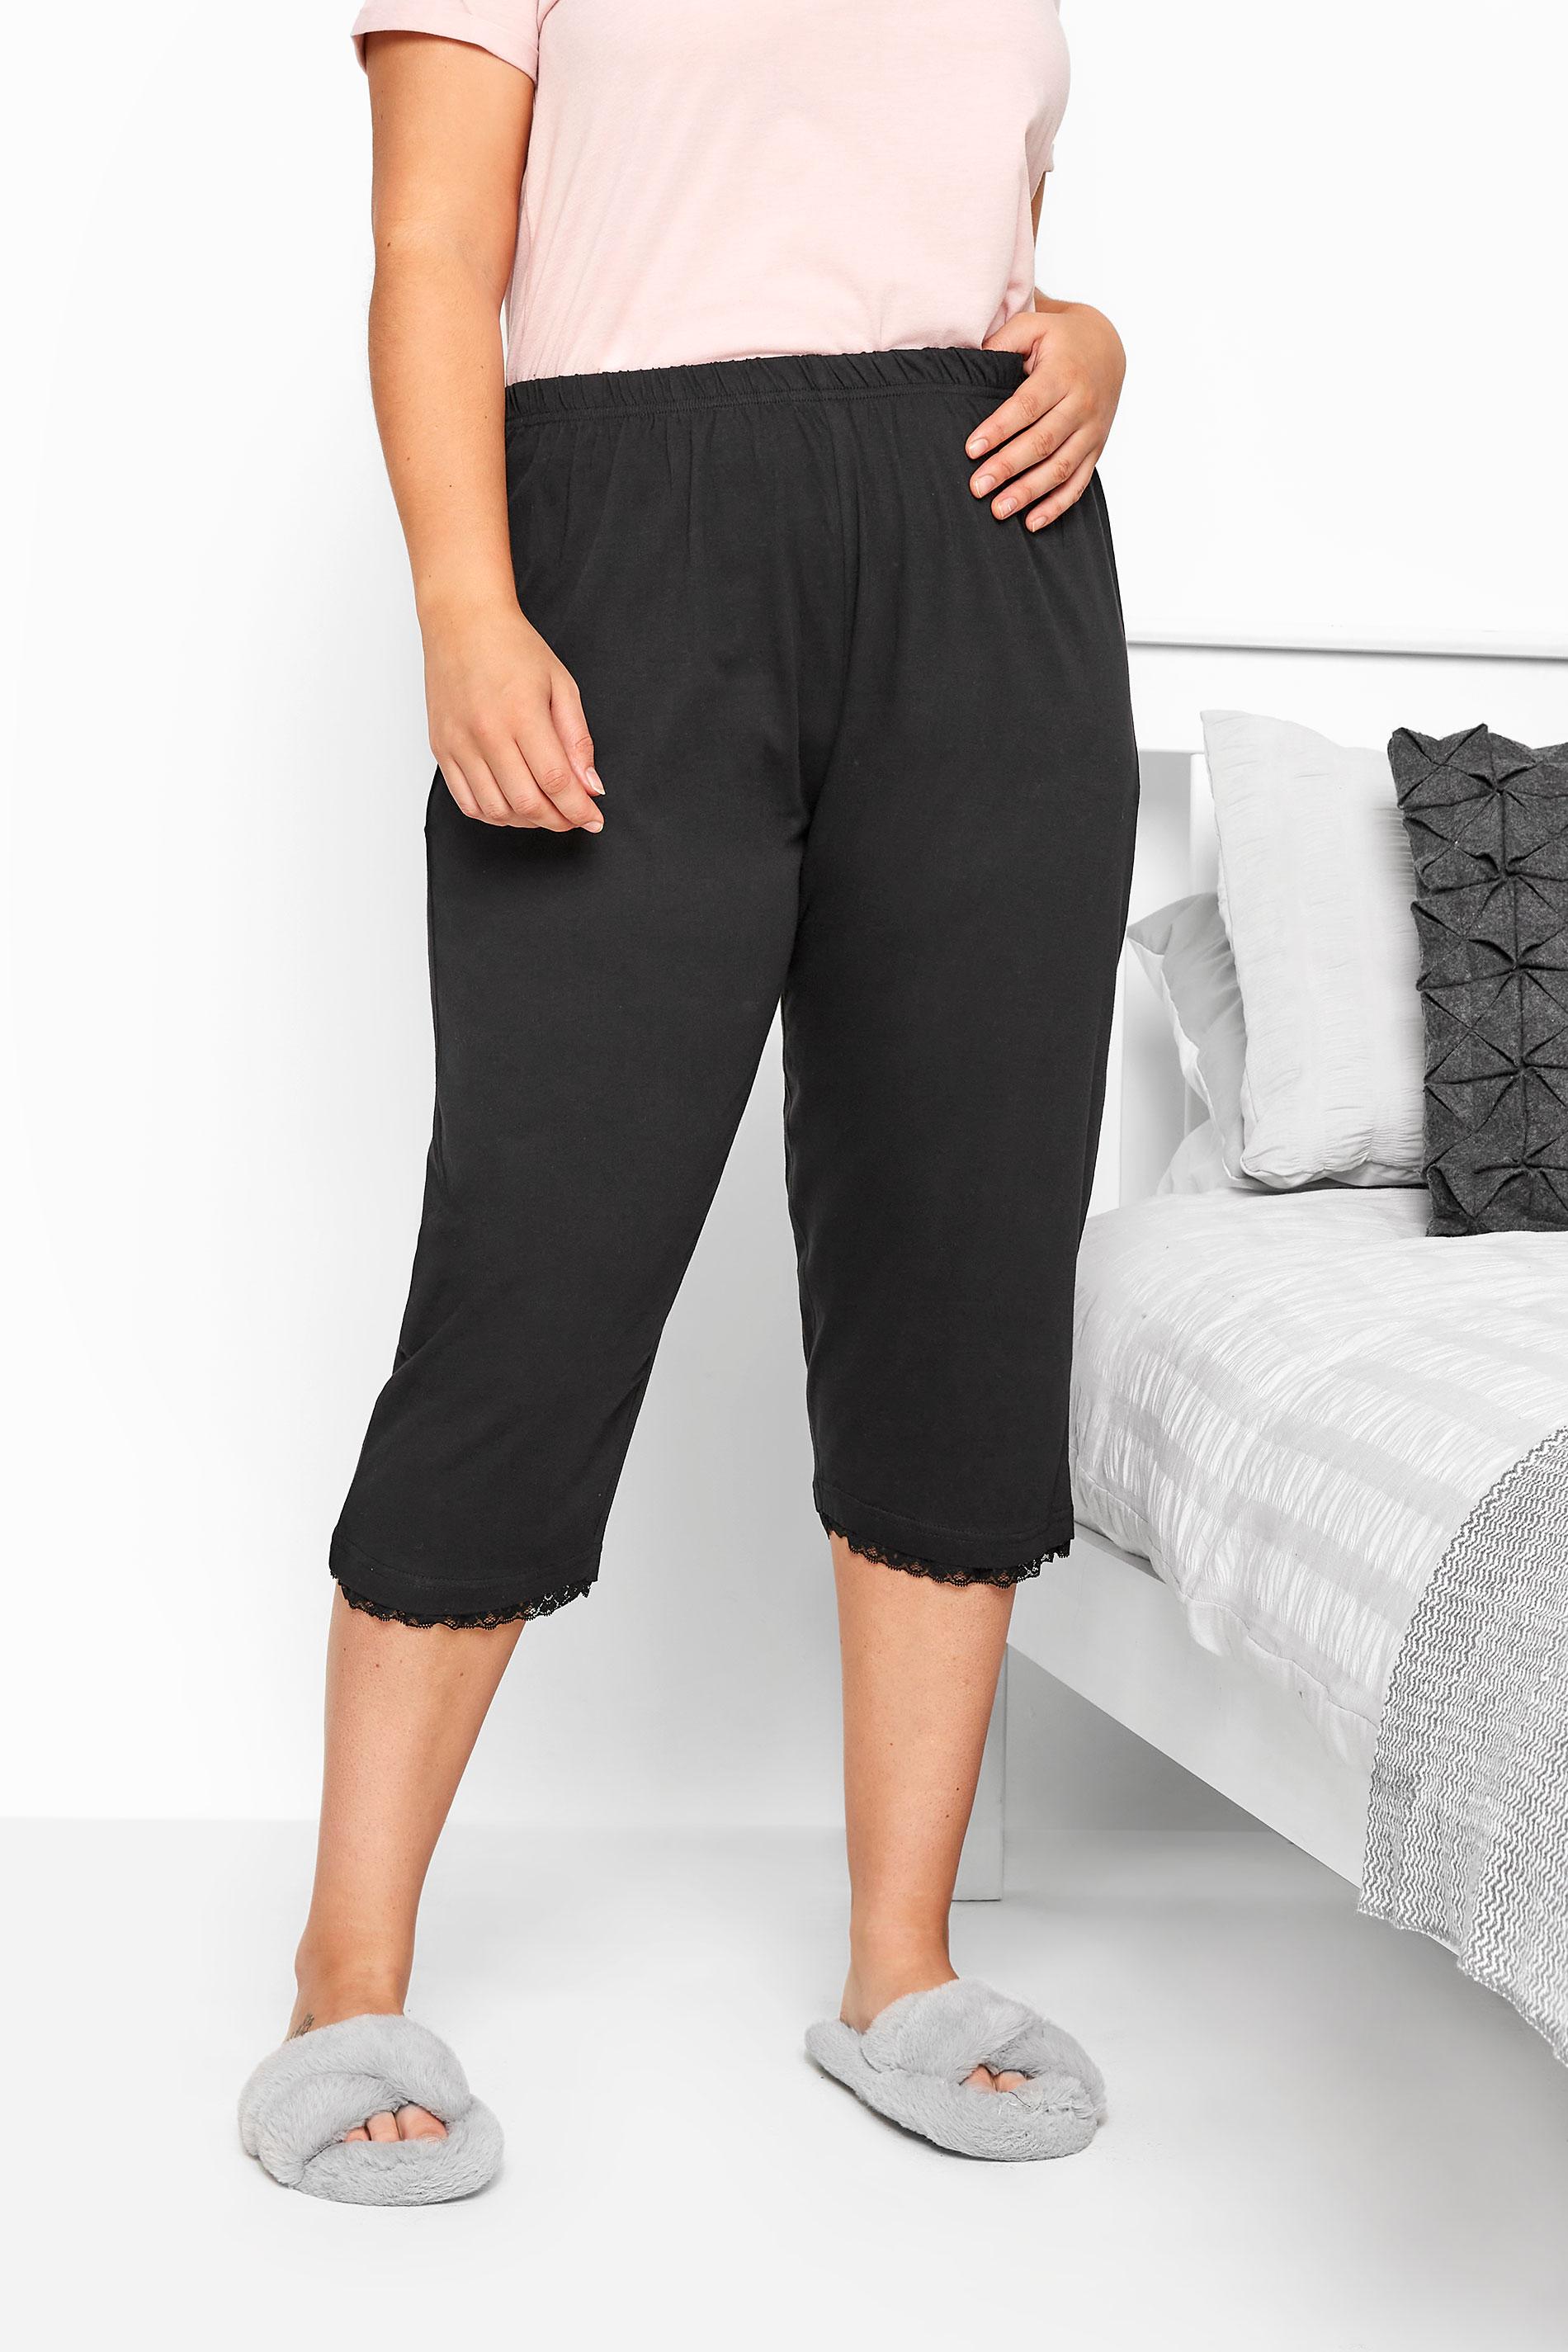 Cropped pyjamabroek van katoen met sierkant in zwart